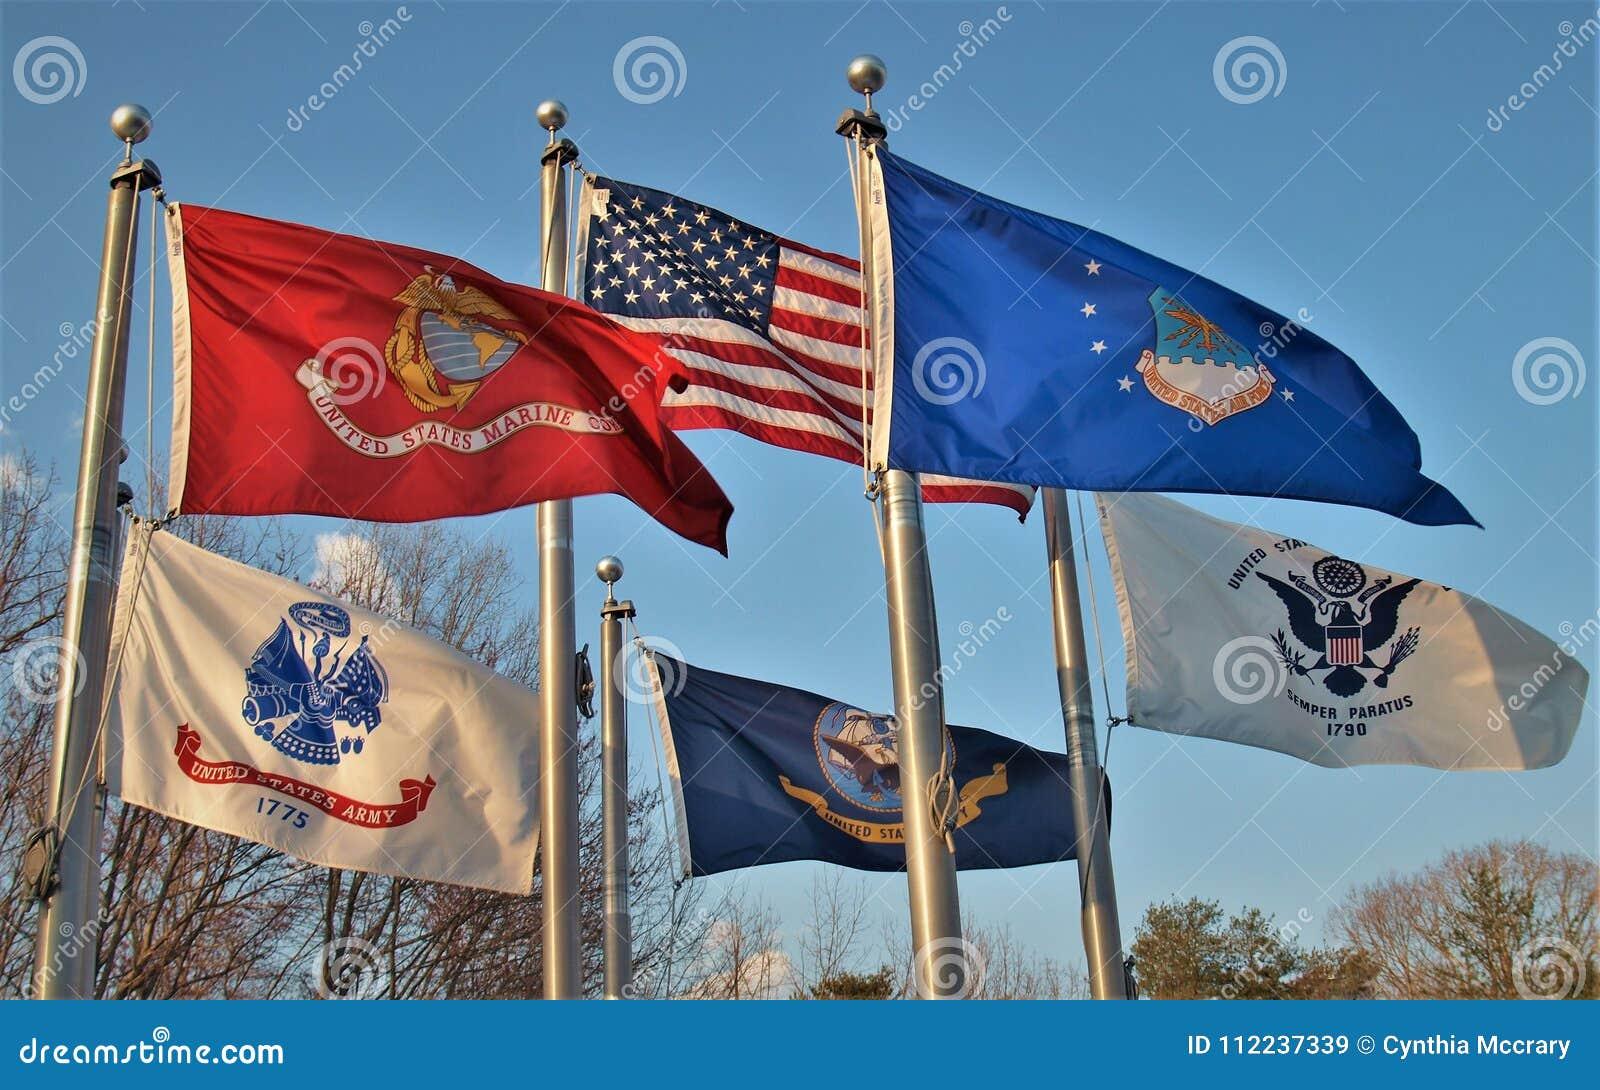 Flags over Veterans Memorial in King, North Carolina